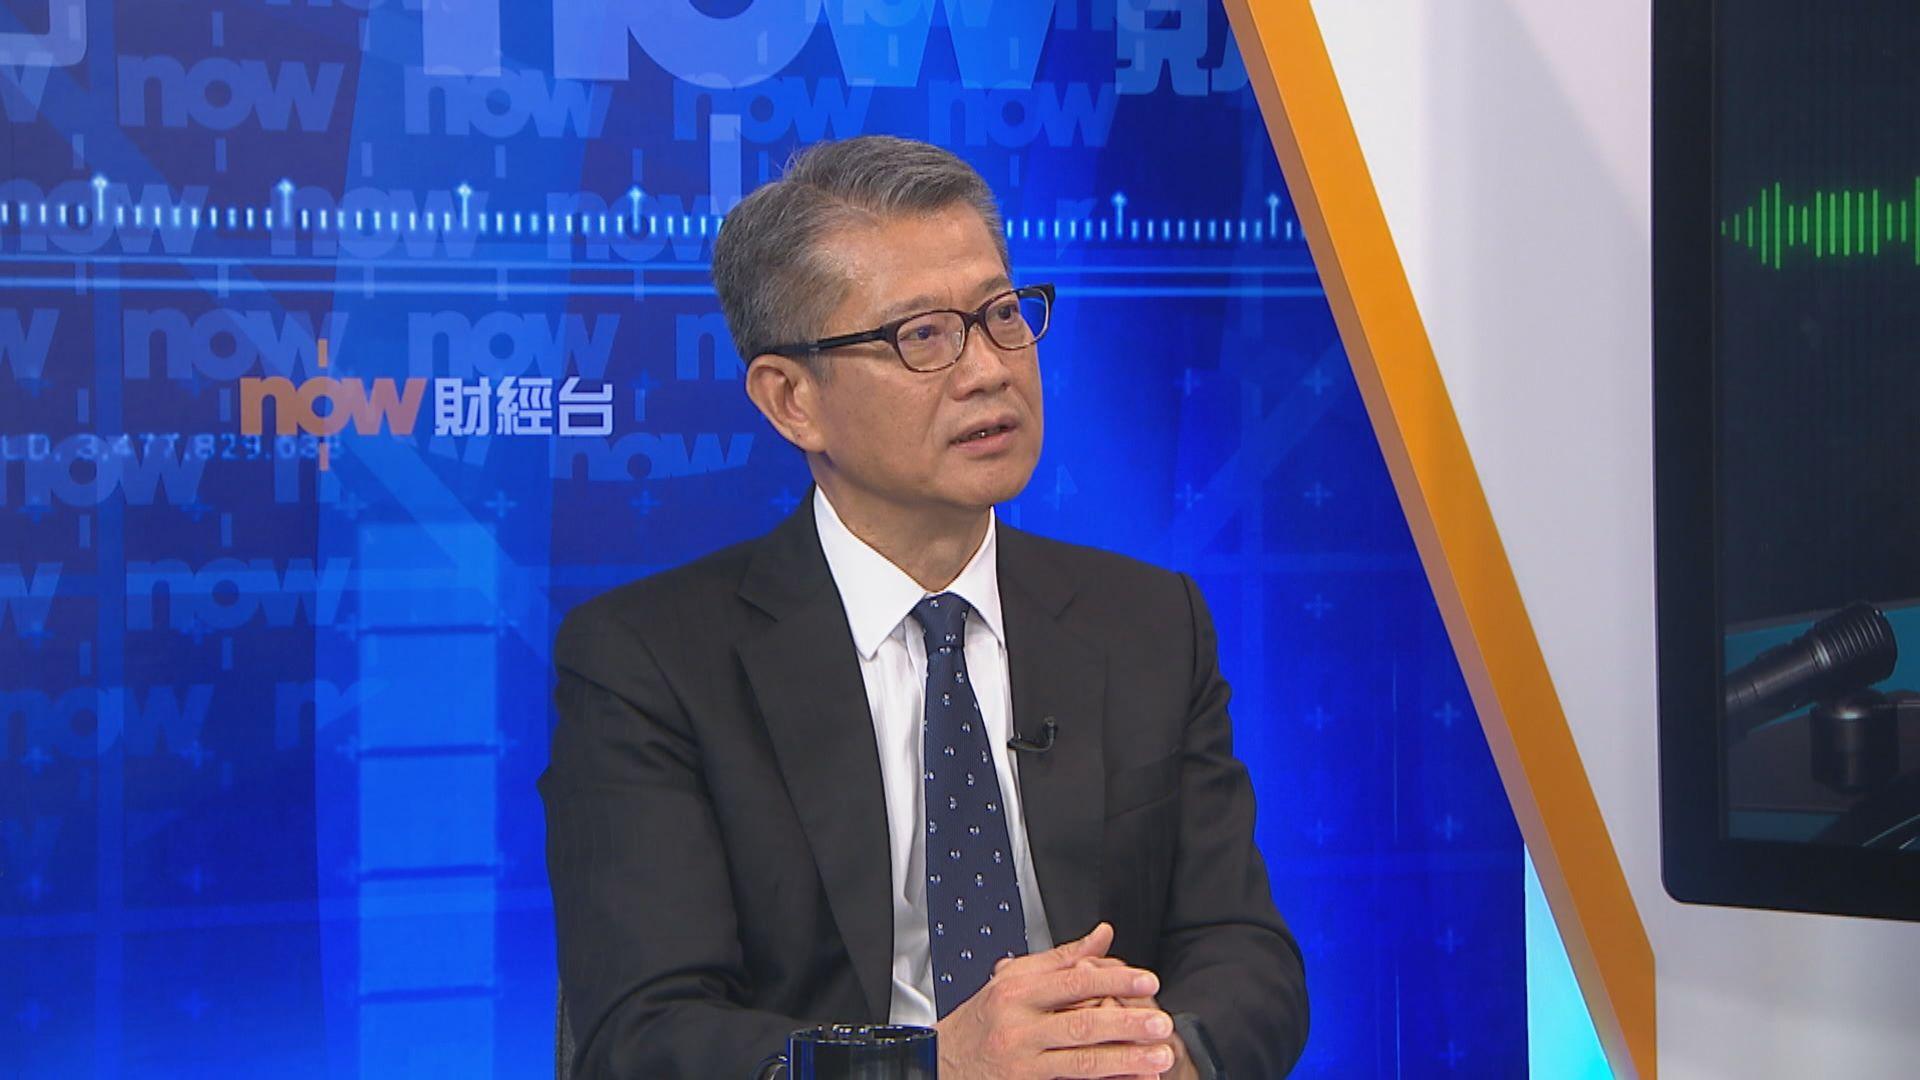 陳茂波:新一份預算案會增加投資等公共開支